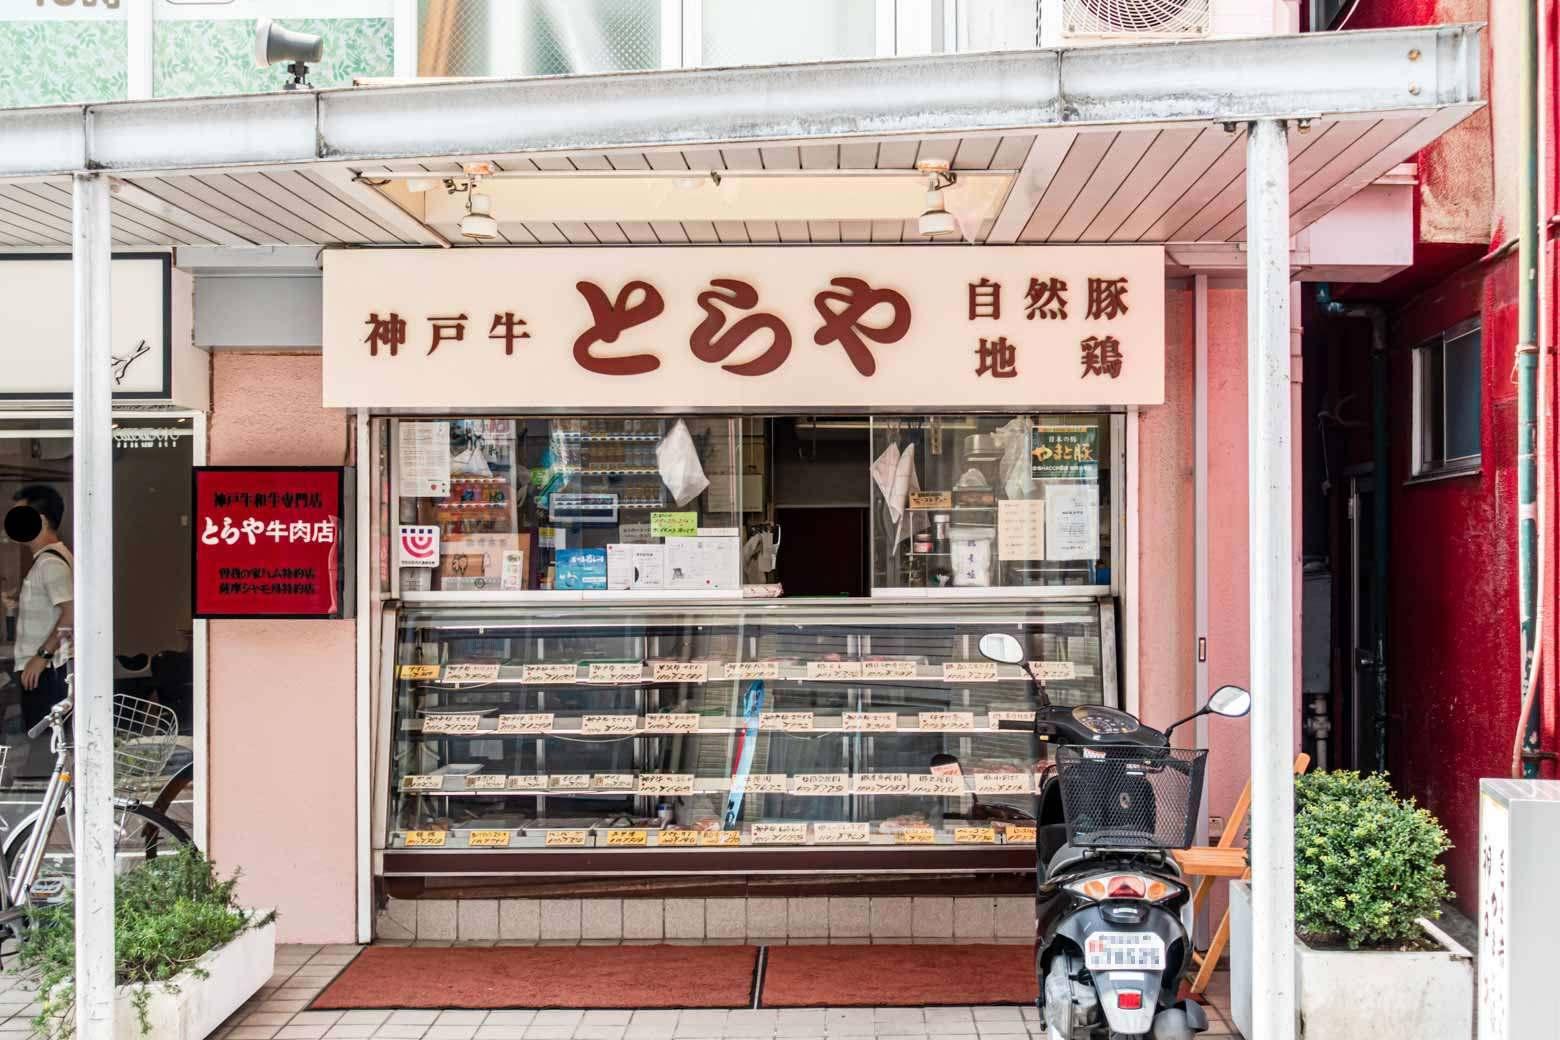 こちらの精肉店は営業していました。お祝い事があったときに利用したいタイプのお店です。